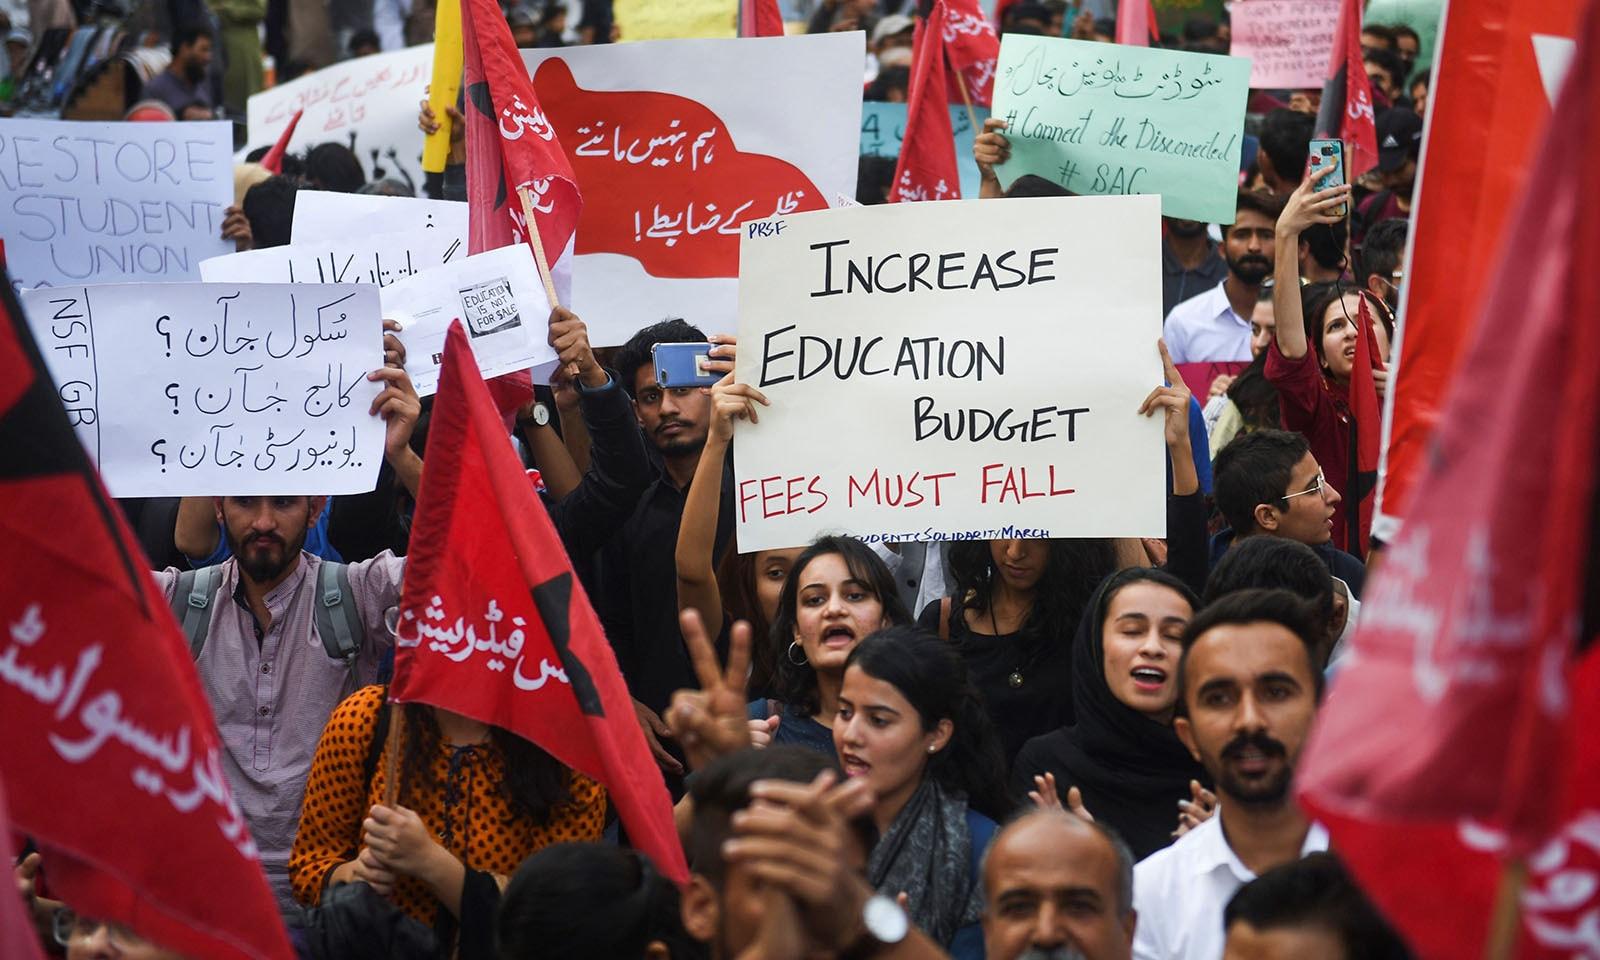 مظاہرین نے تعلیم کا بجٹ بڑھانے کا بھی مطالبہ کیا — فوٹو: اے ایف پی